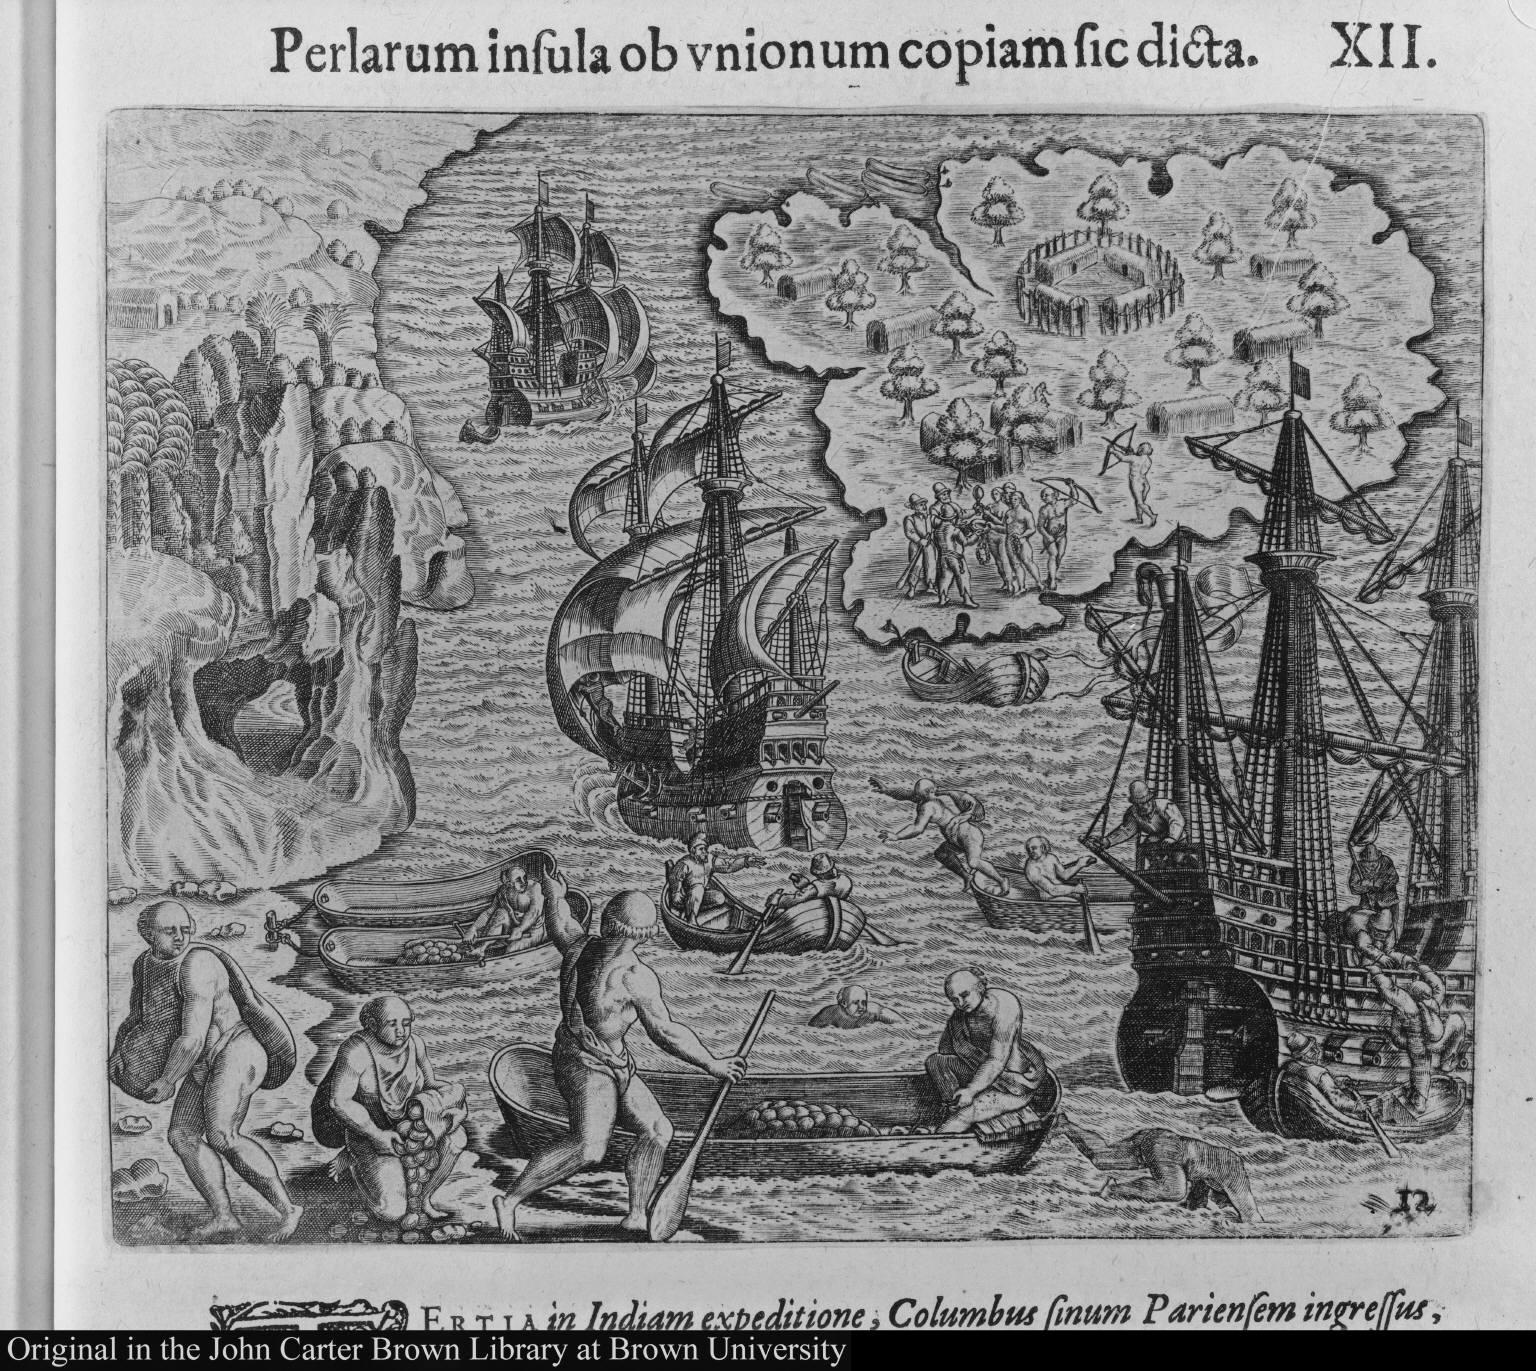 Perlarum insula ob unionum copiam sic dicta.